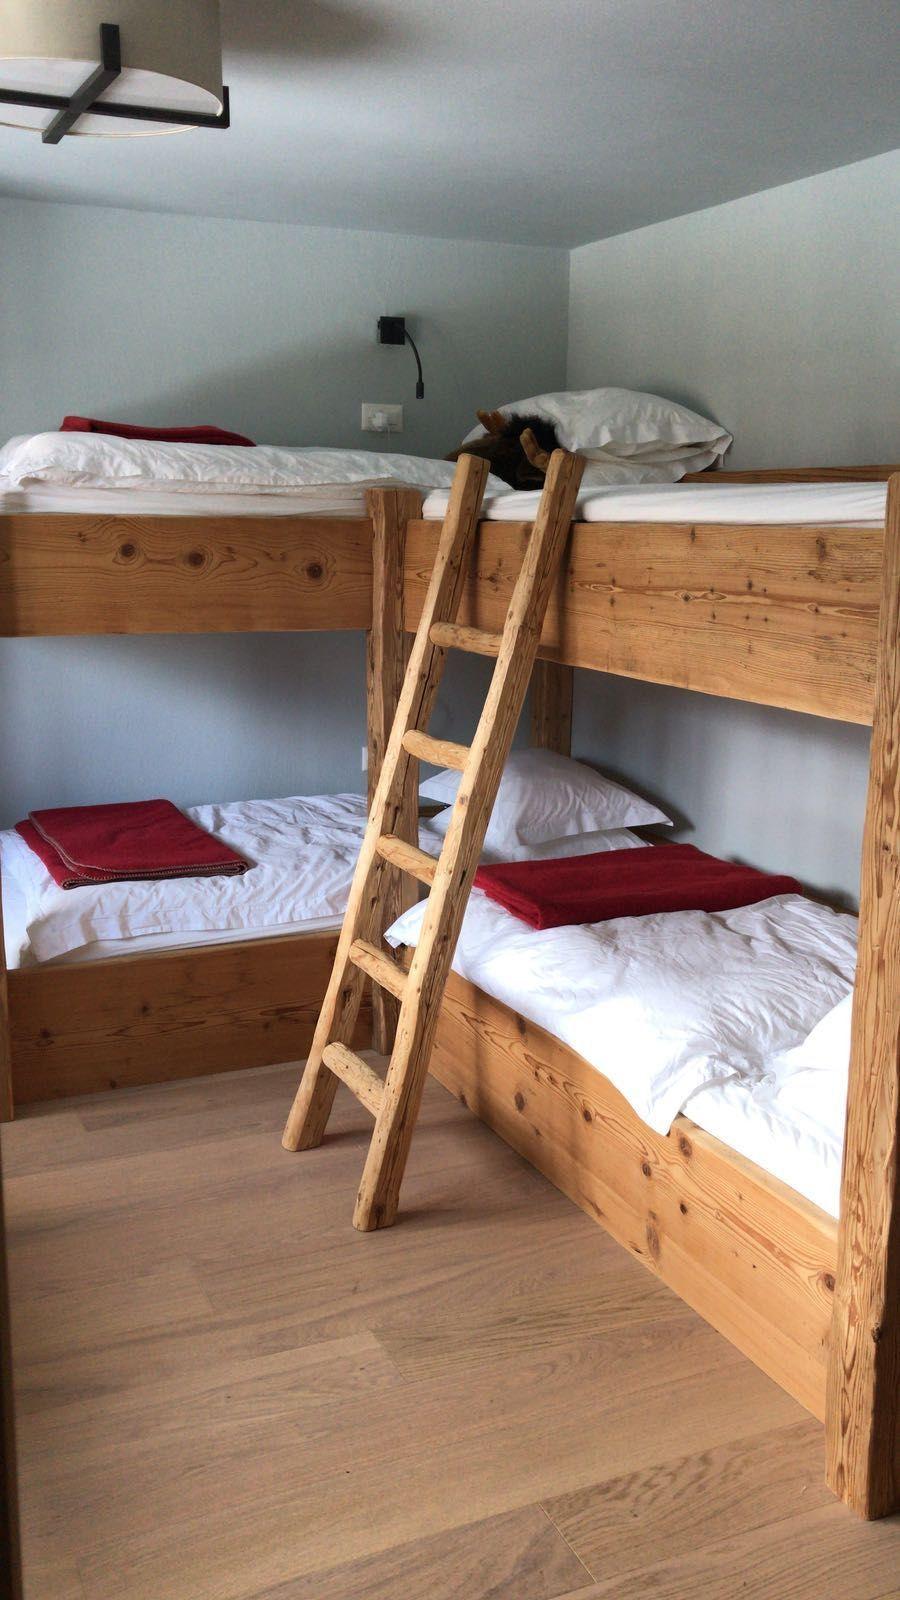 Letti A Castello Woodland.Nuovo Camere Da Letto A Castello In 2020 Bunk Beds Cabin Bunk Beds Corner Bunk Beds